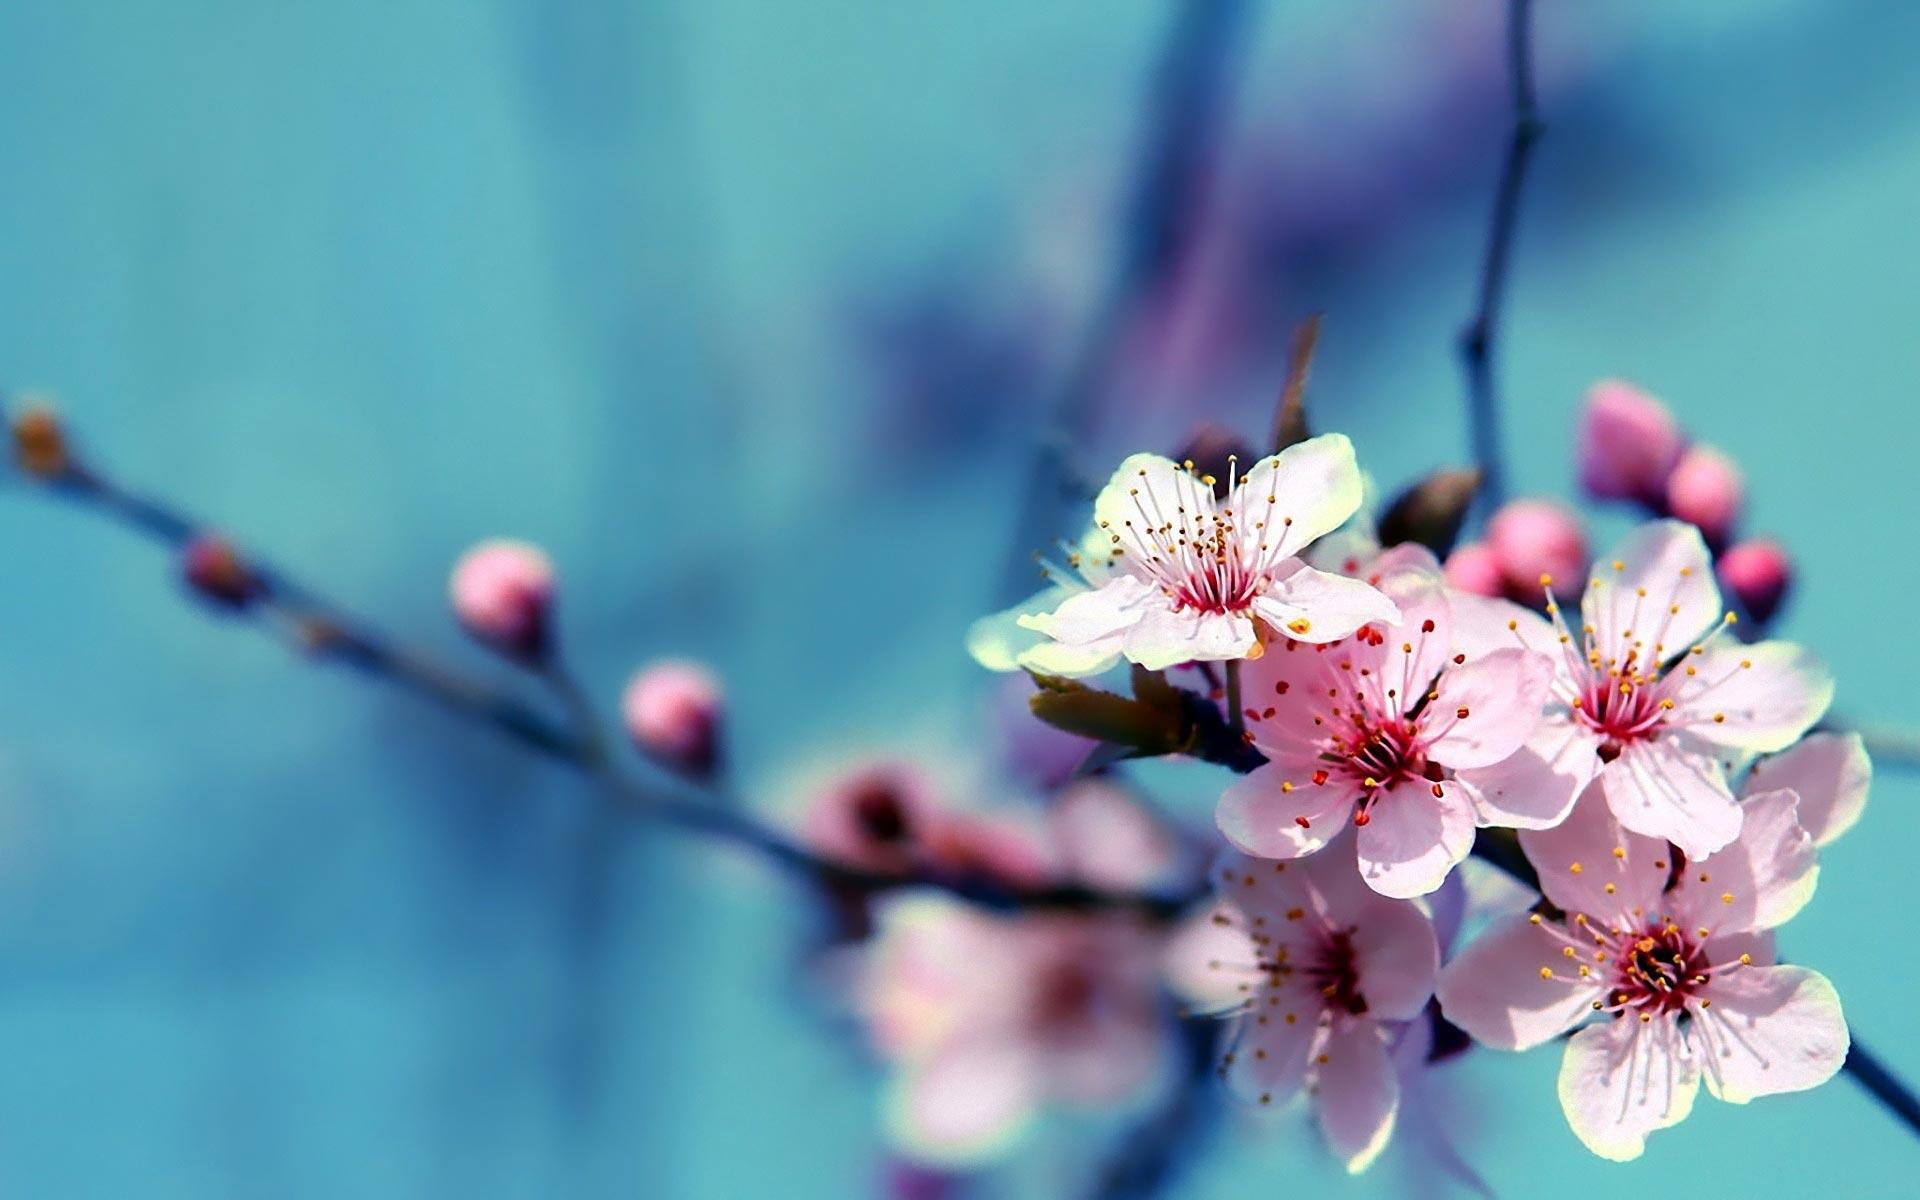 cherry-blossom-flower-wallpaper